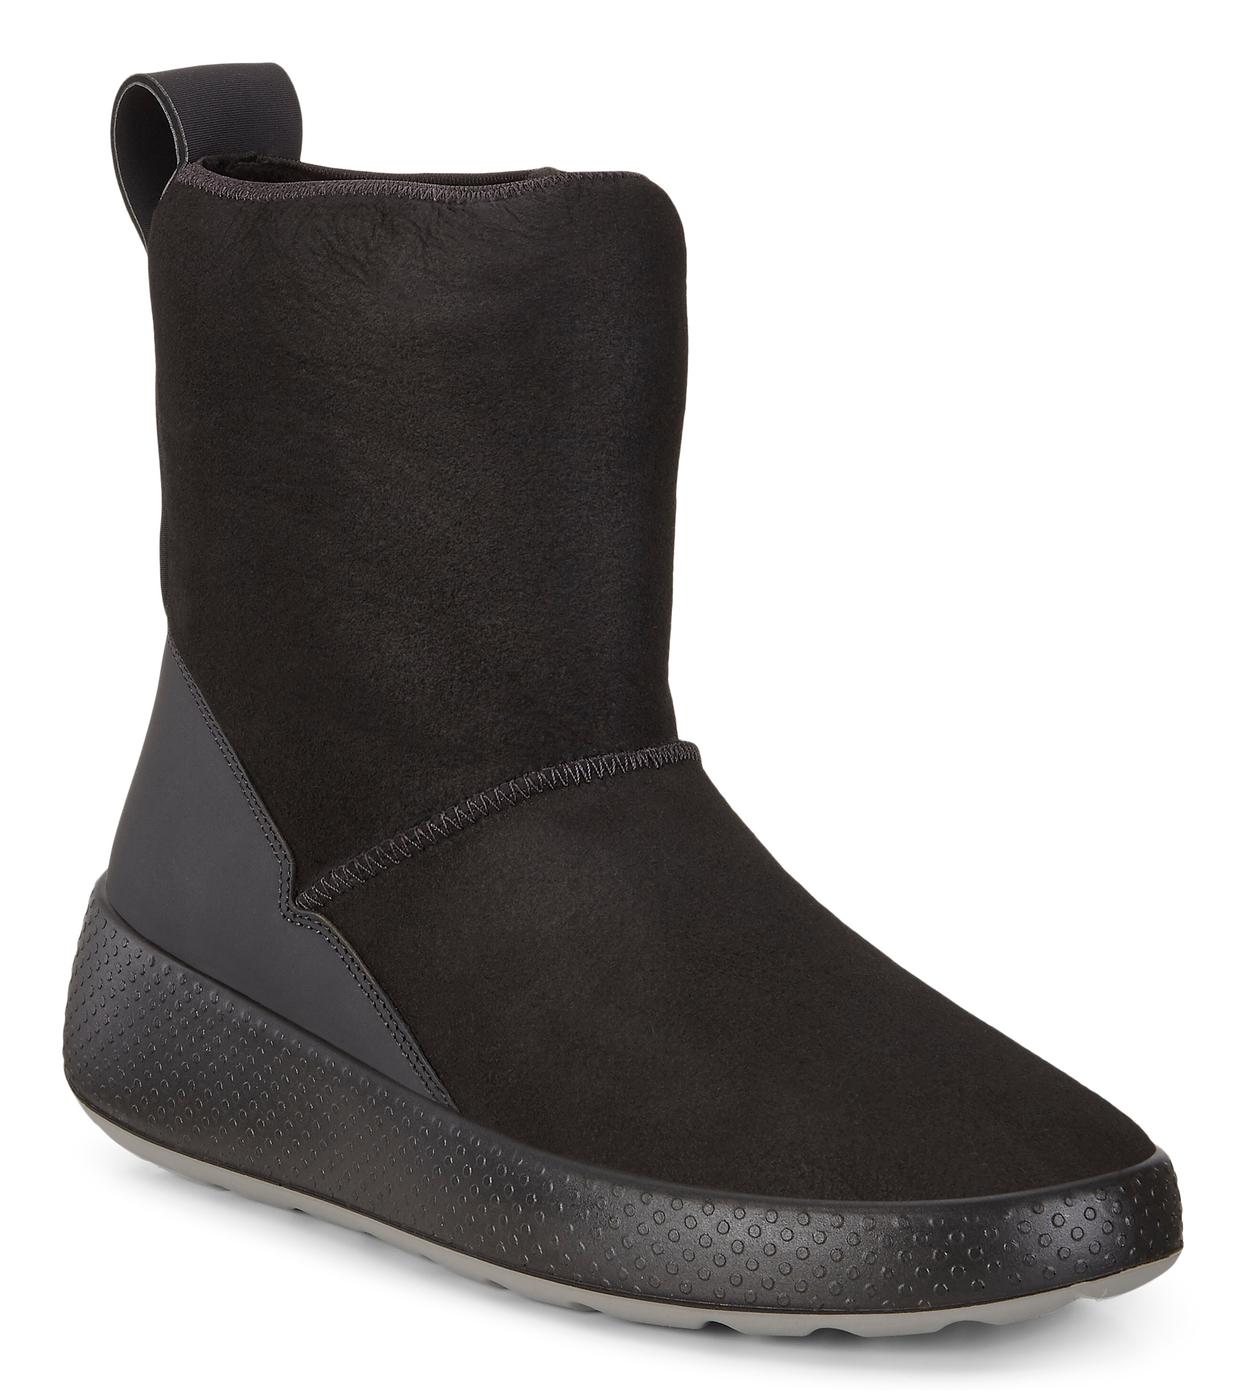 ECCO Ukiuk Boot